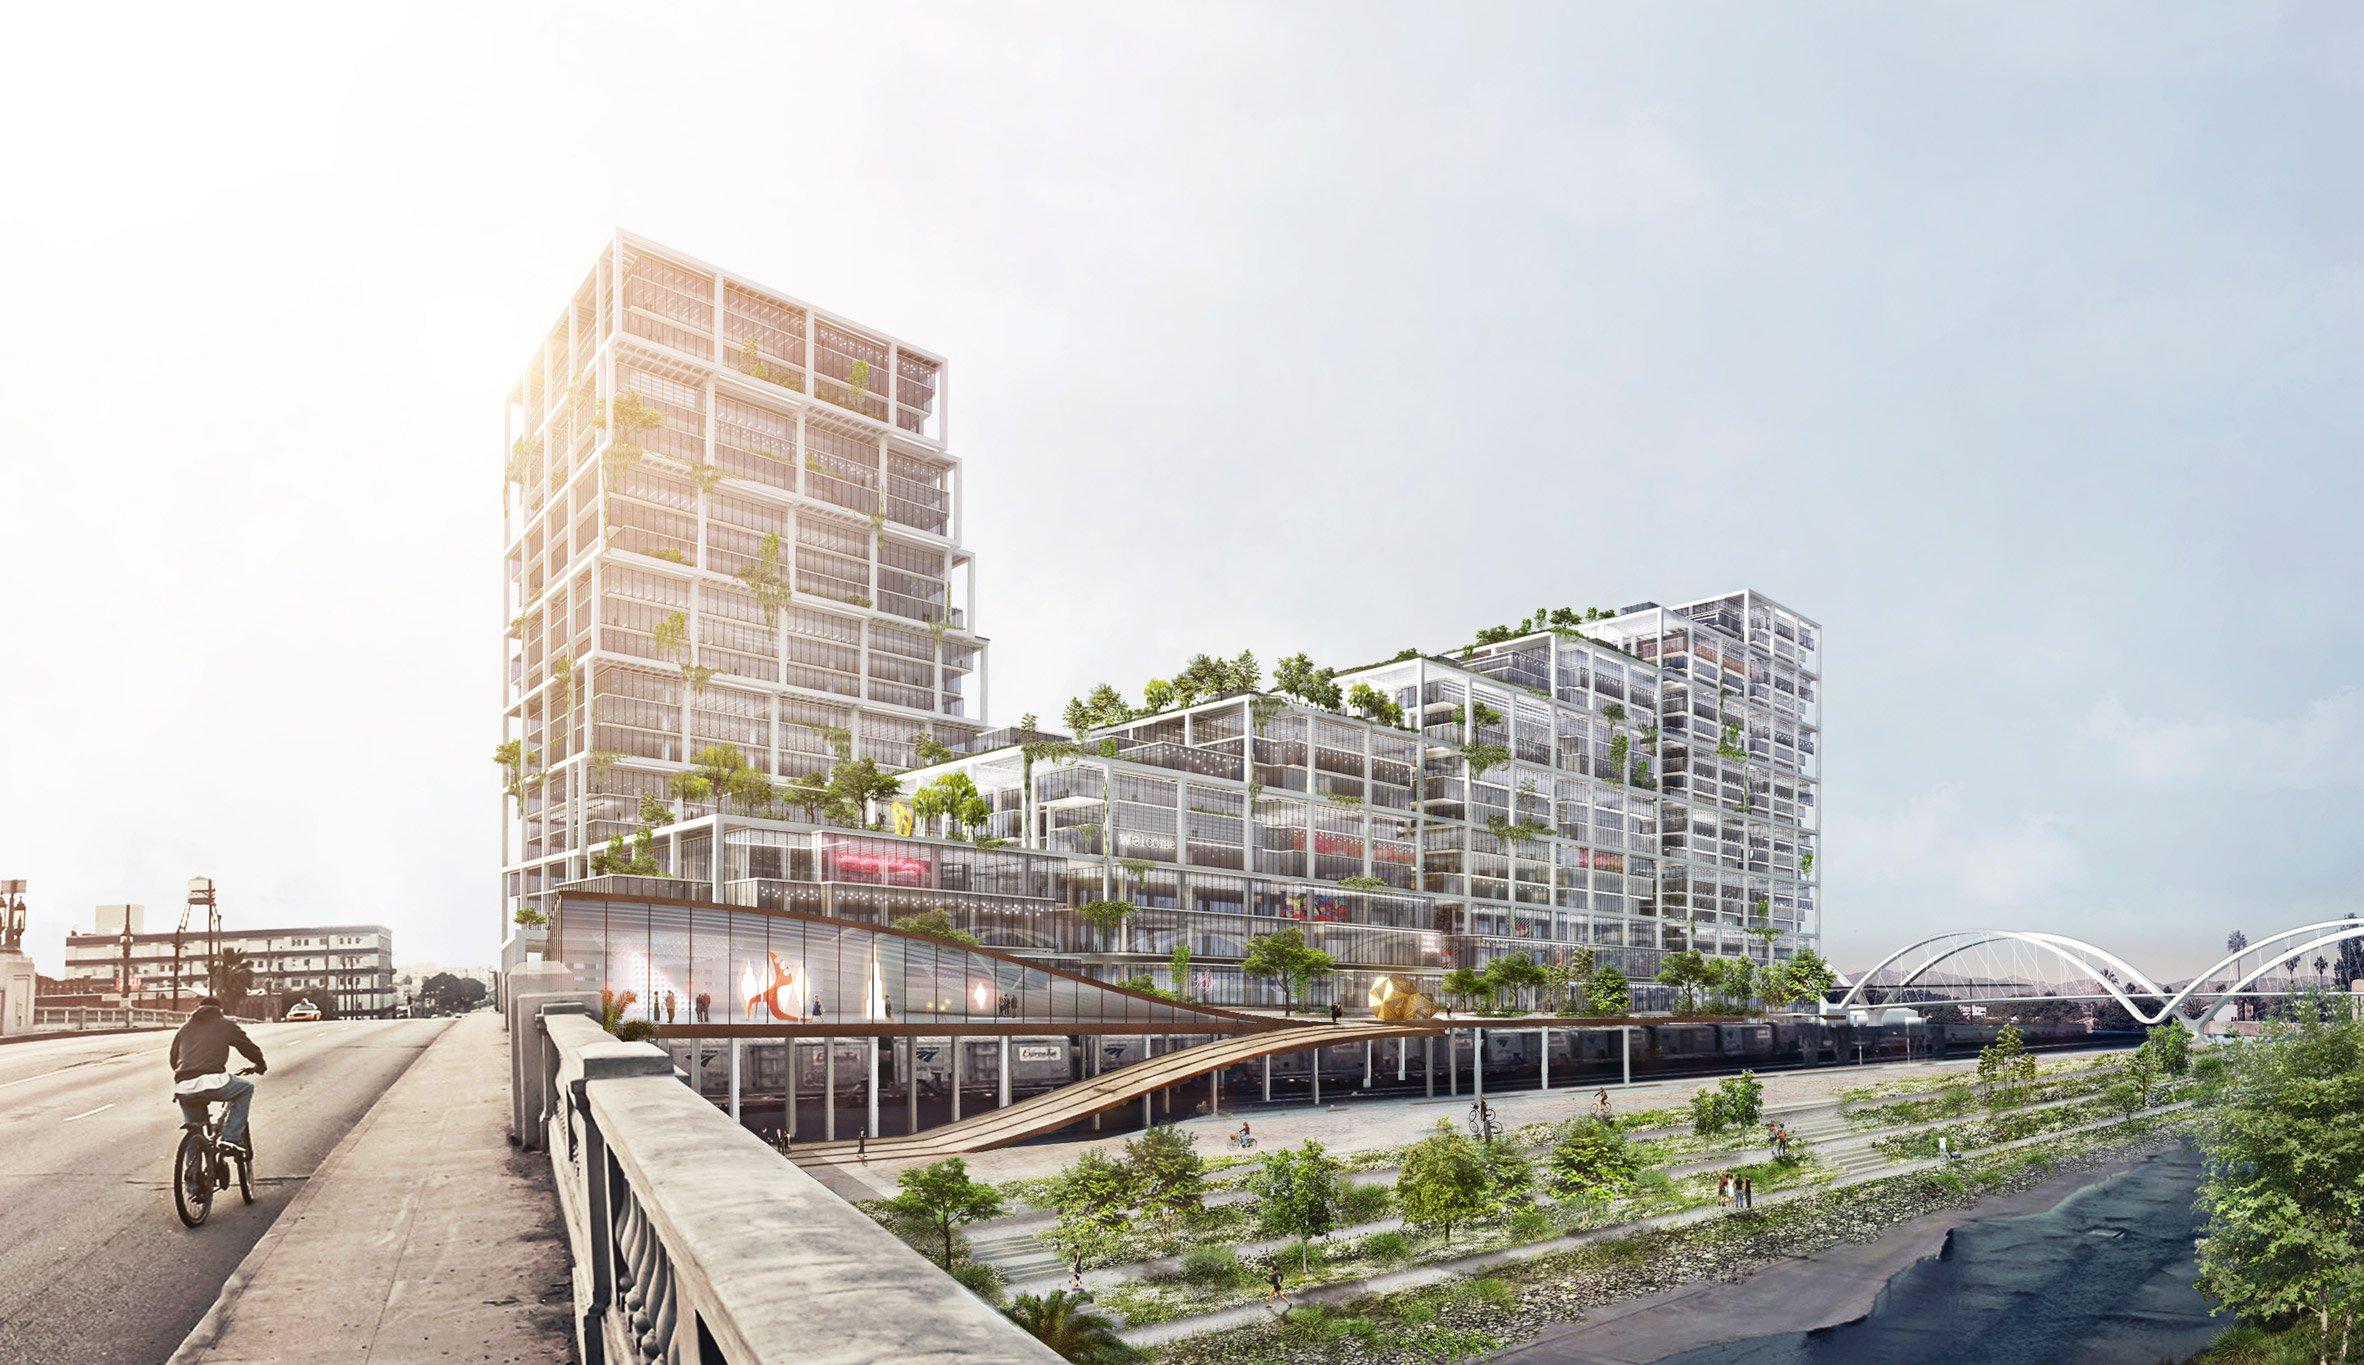 BIG unveils huge 670 Mesquit complex for LA Arts District